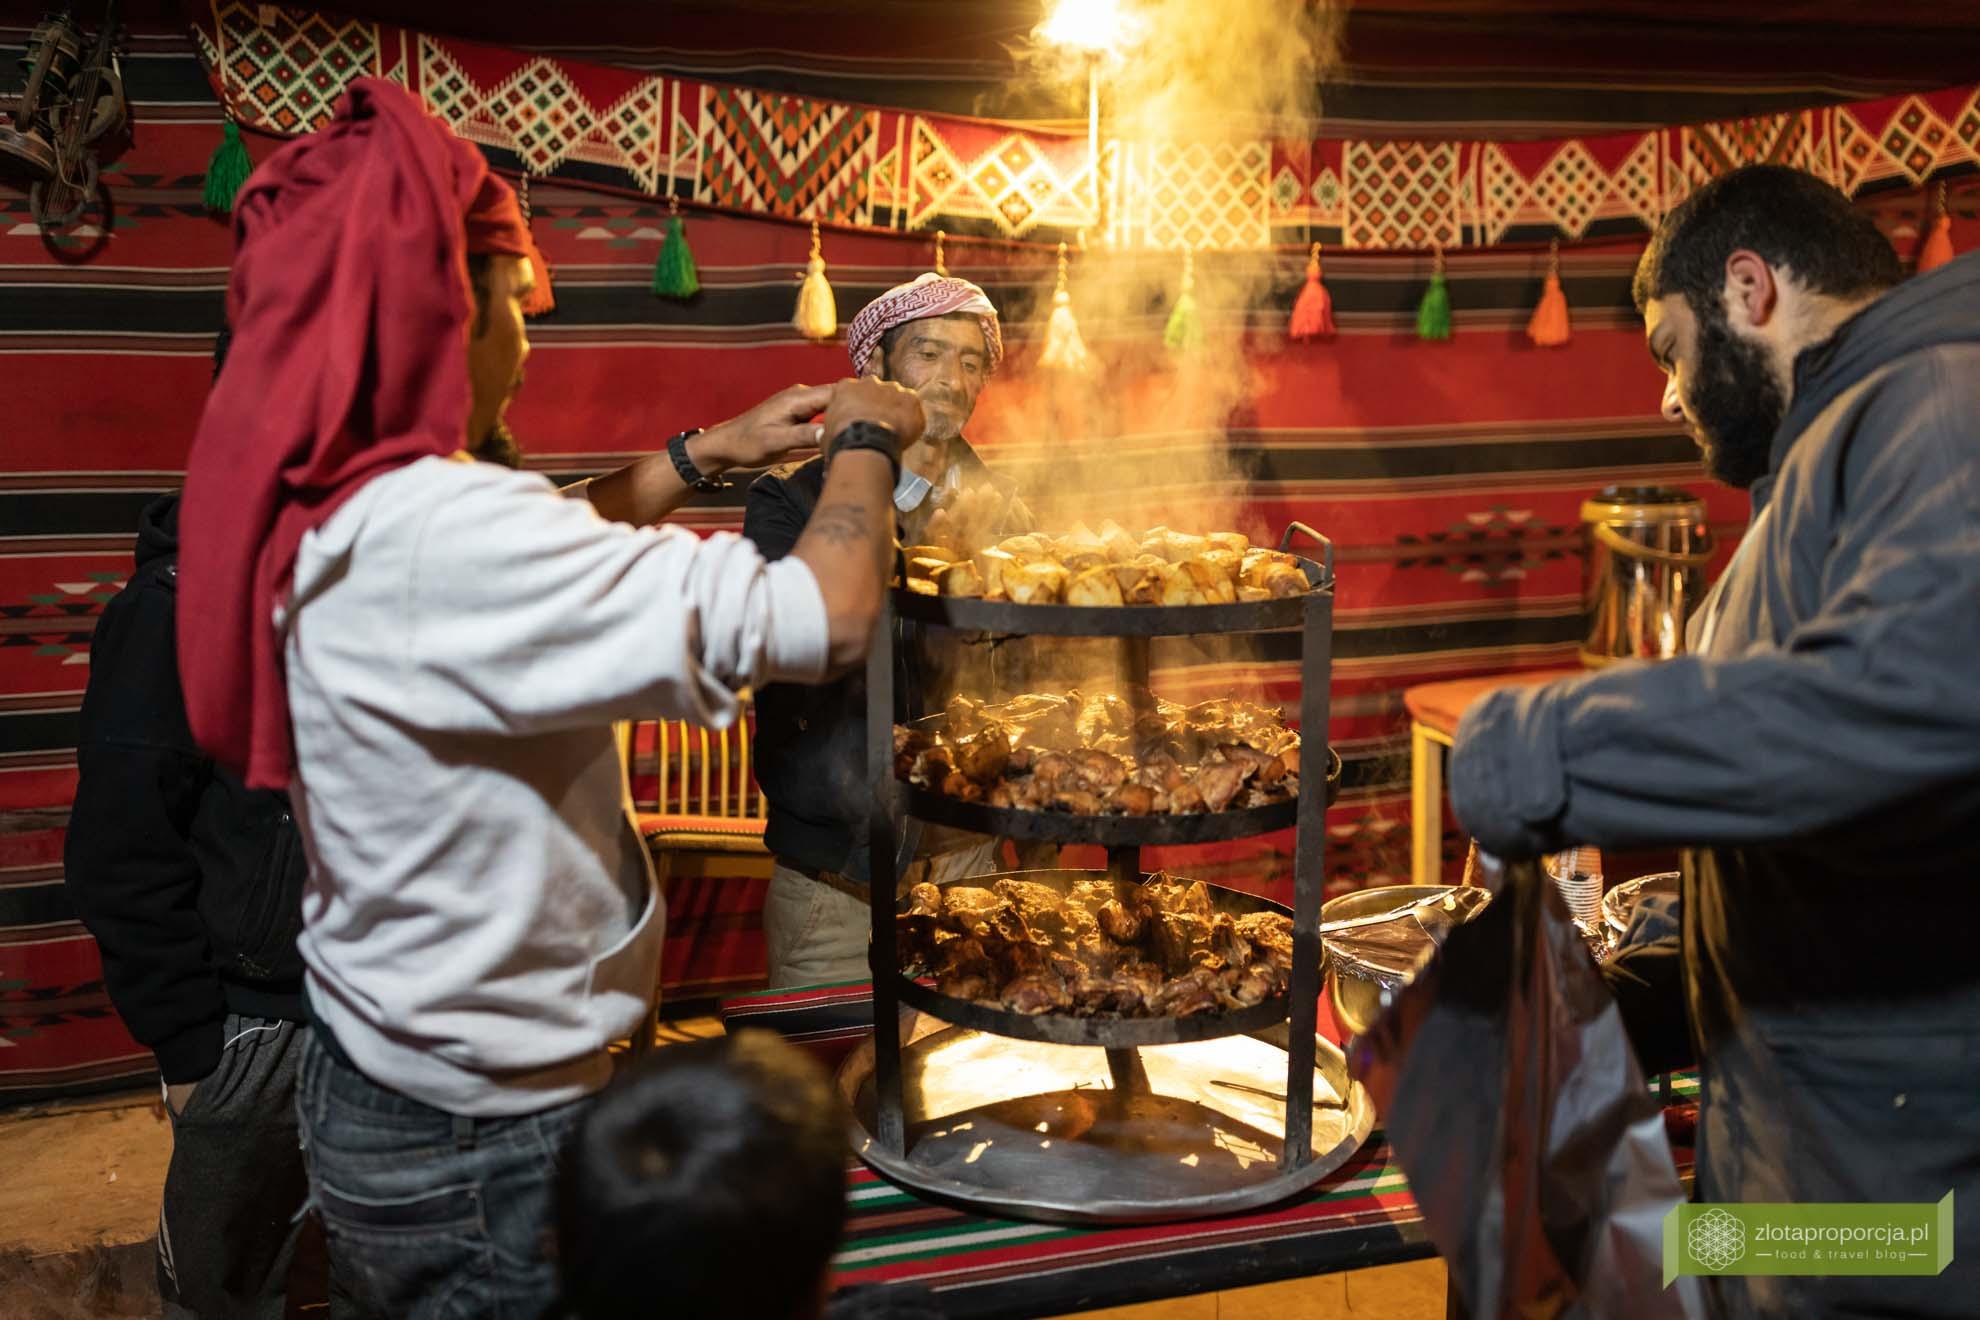 Jordania; Wadi Rum, pustynia Wadi Rum, pustynia w Jordanii; Beduini Jordania; kuchnia Jordanii, zarb, beduiński grill, jedzenie w Jordanii;